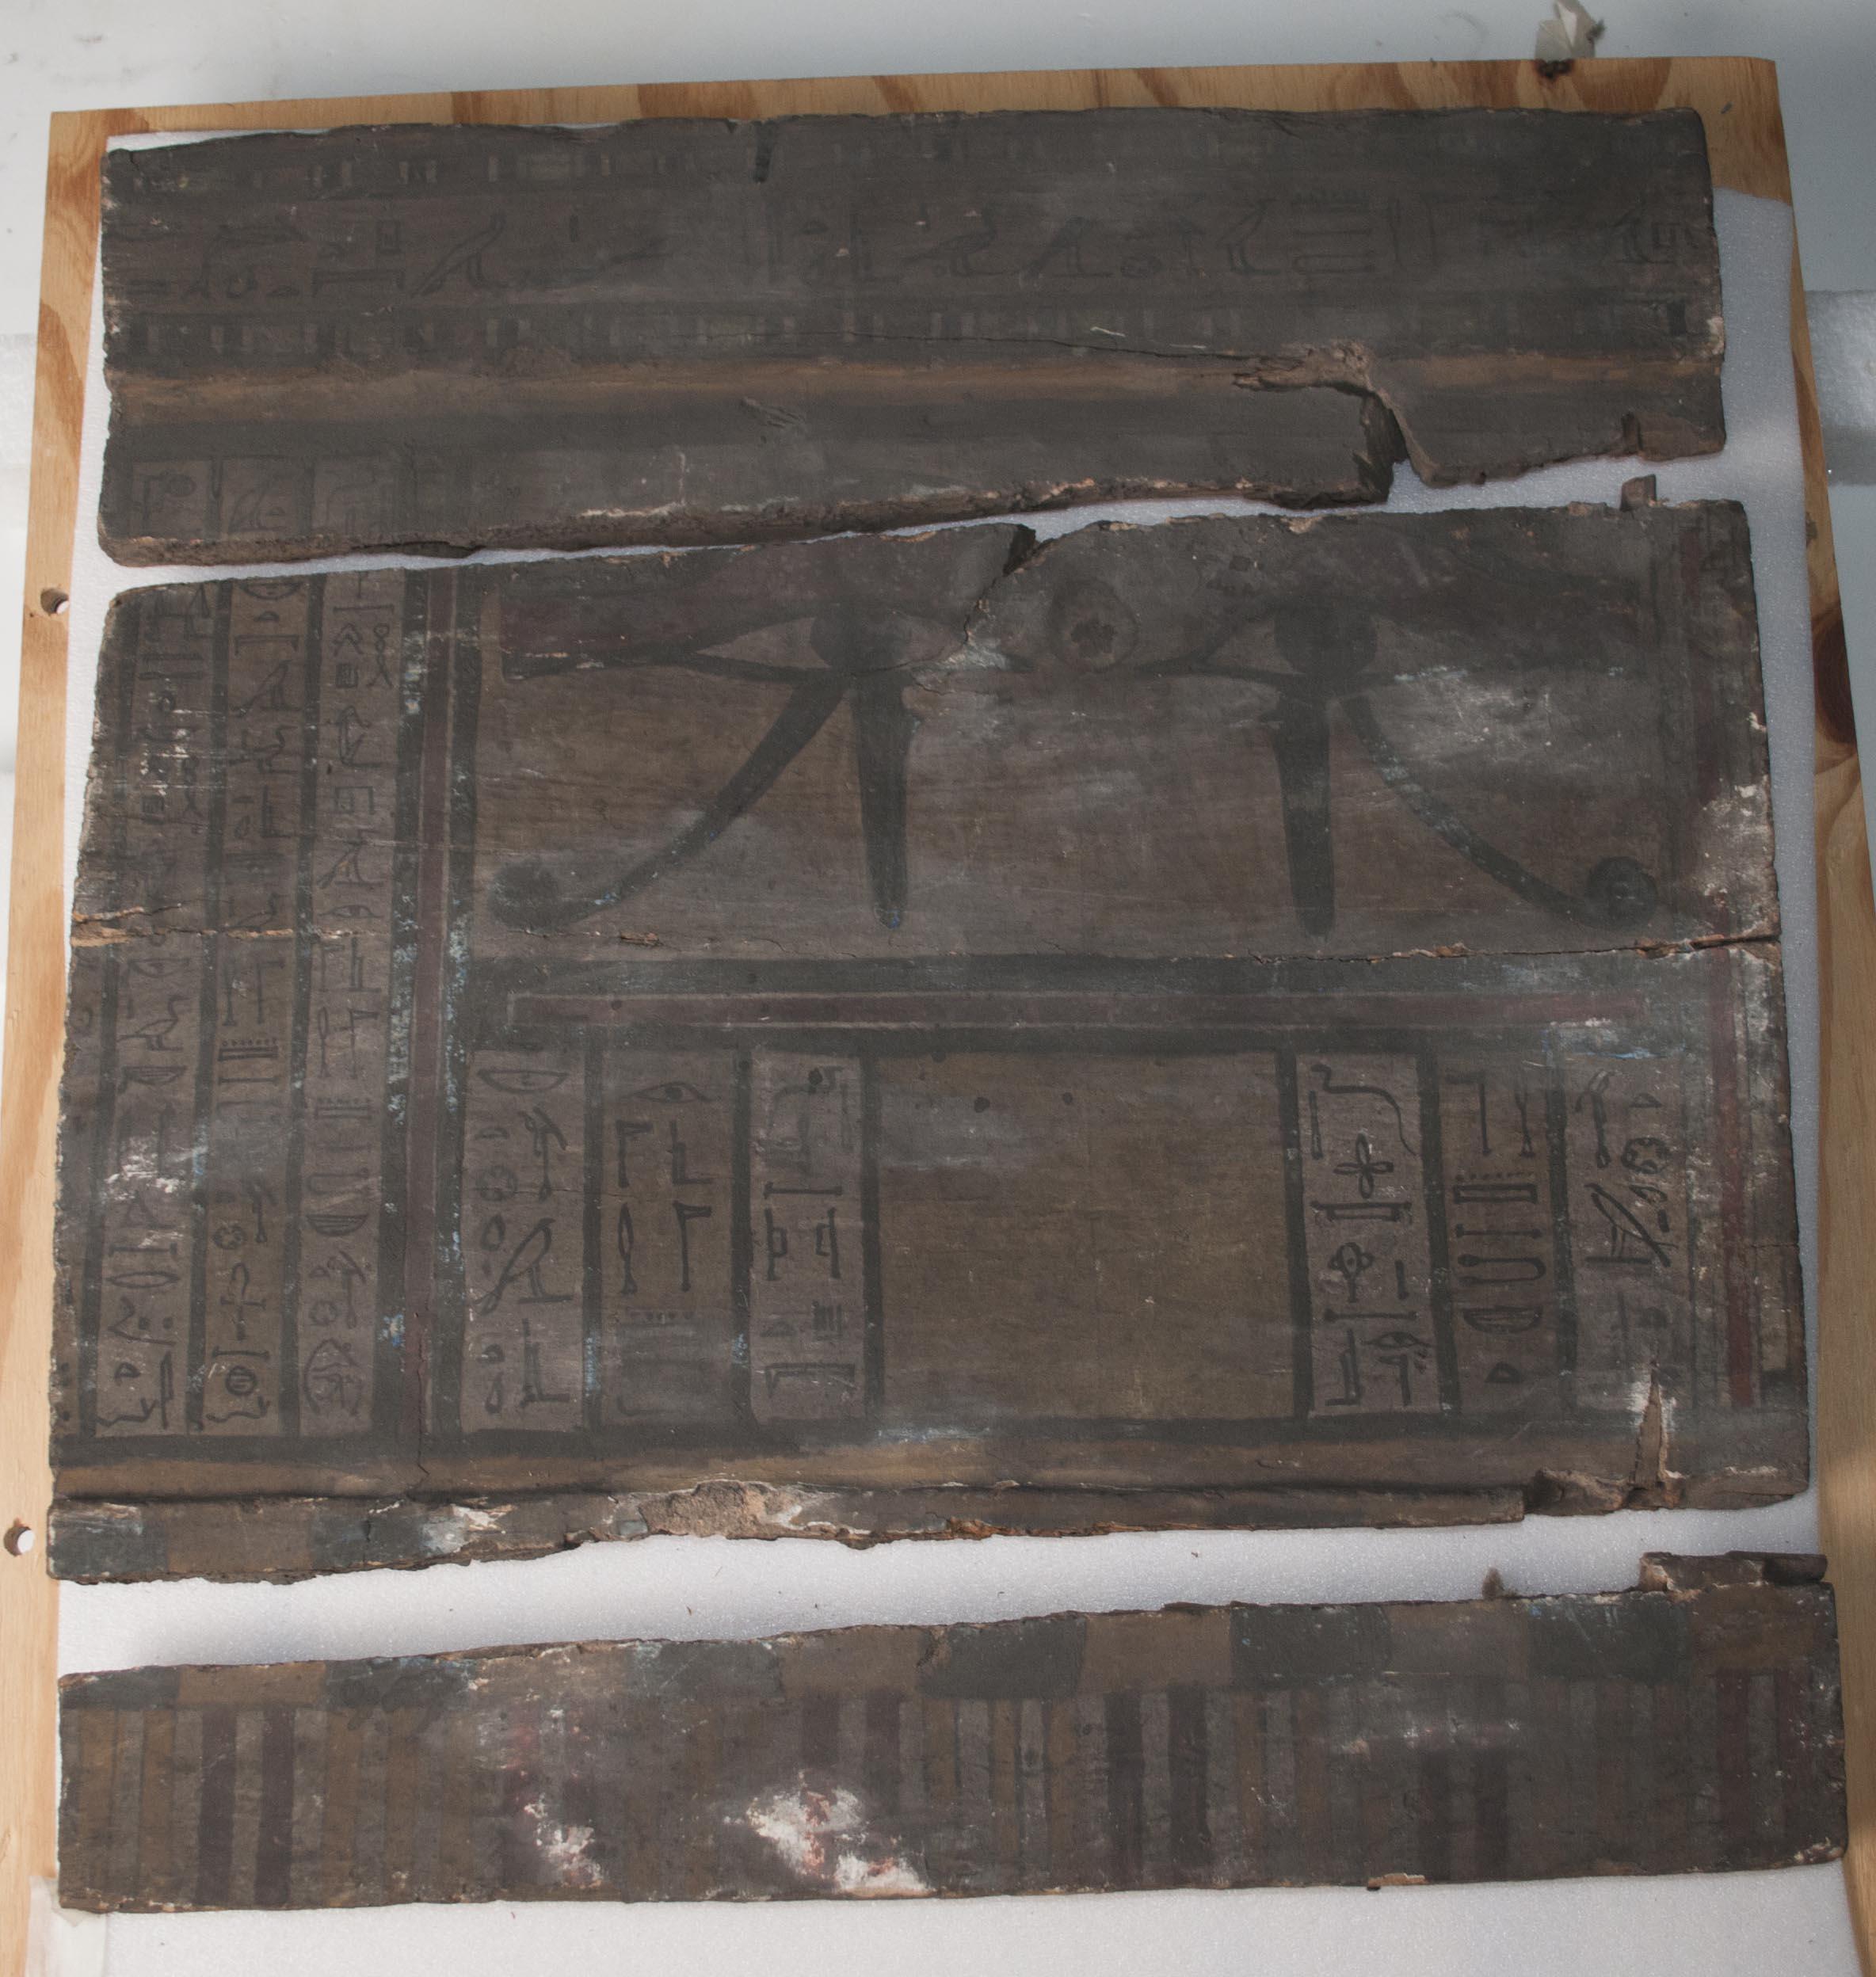 coffinboard